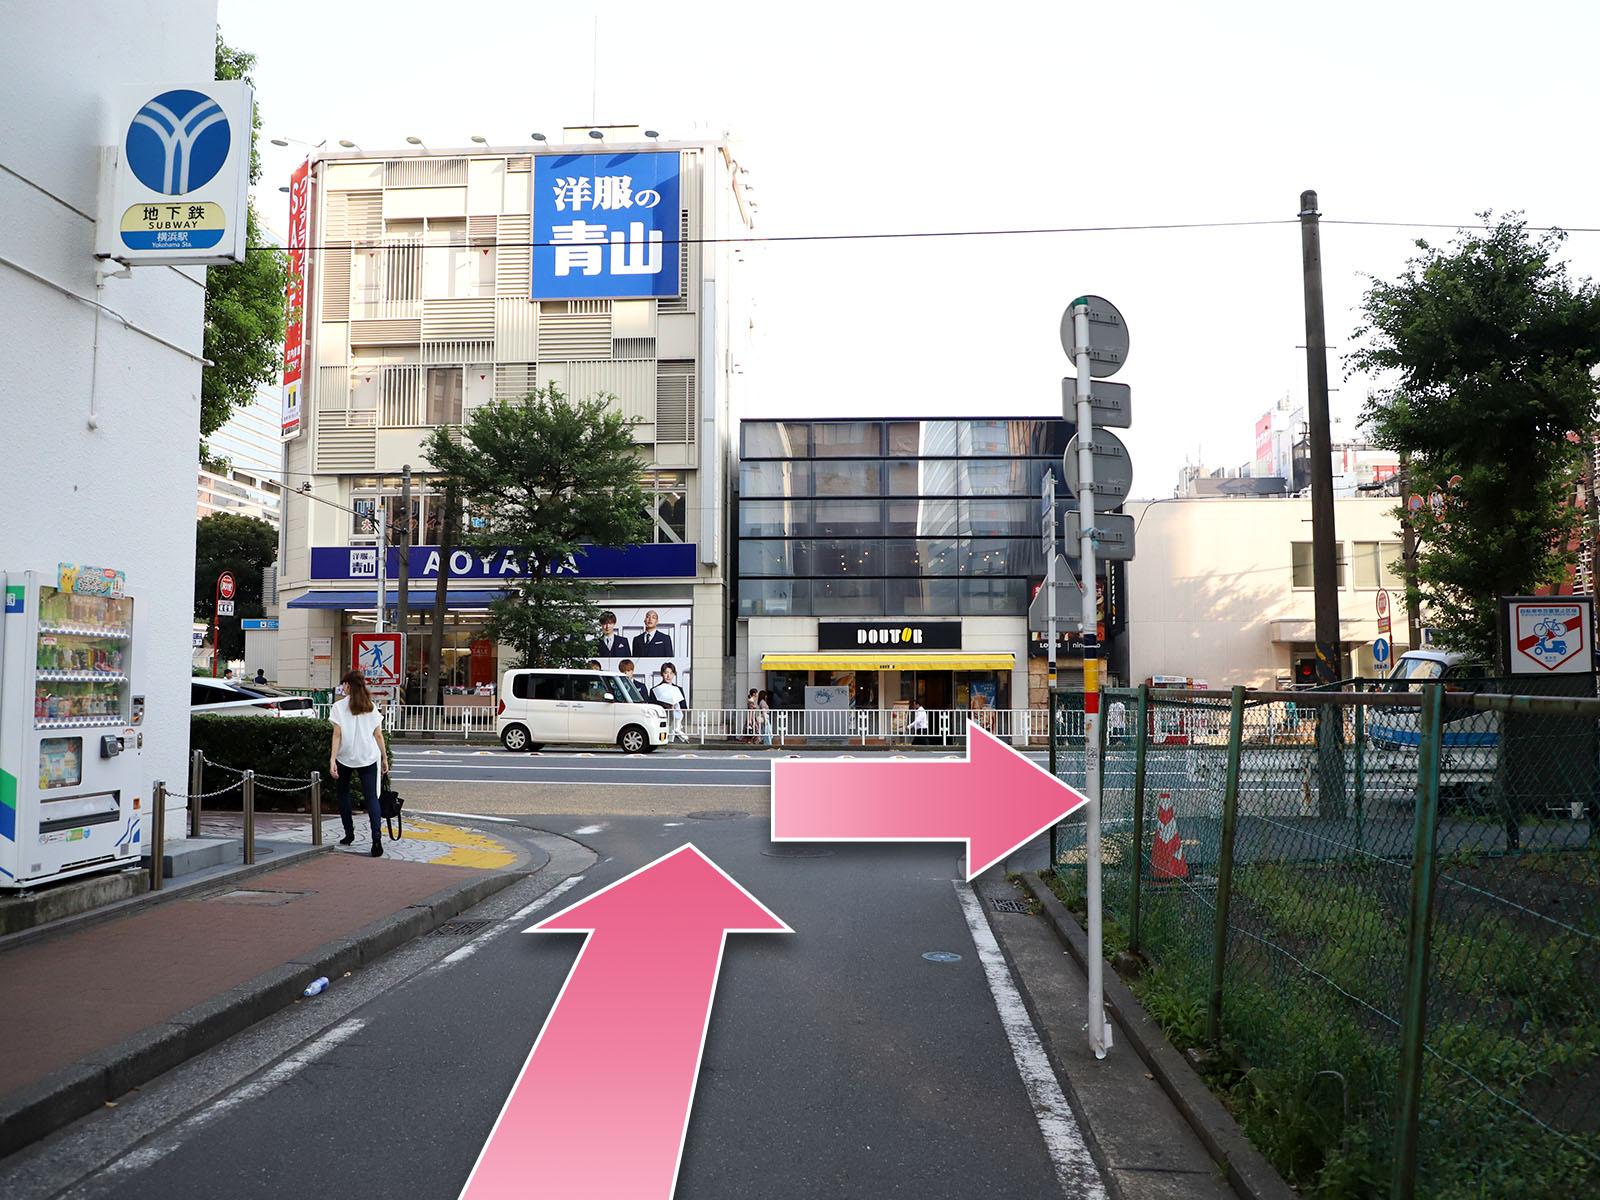 東京中央美容外科横浜院地下鉄ルート03